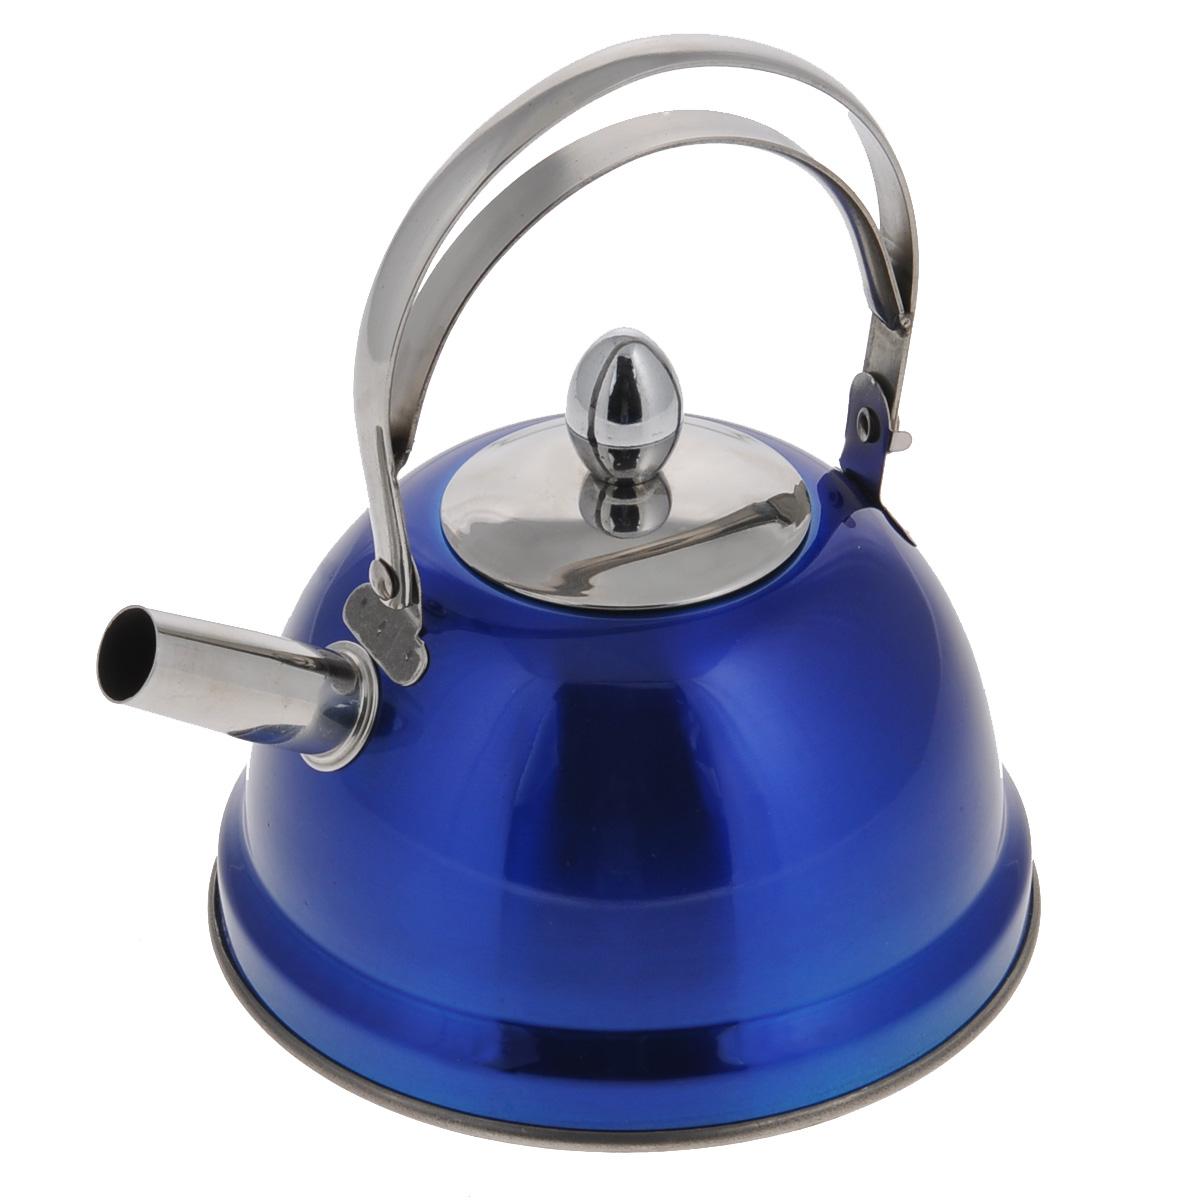 Чайник заварочный Bekker De Luxe, с ситечком, цвет: синий, 0,8 л. BK-S430115510Чайник Bekker De Luxe выполнен из высококачественной нержавеющей стали, что обеспечивает долговечность использования. Внешнее цветное зеркальное покрытие придает приятный внешний вид. Капсулированное дно распределяет тепло по всей поверхности, что позволяет чайнику быстро закипать. Эргономичная подвижная ручка выполнена из нержавеющей стали. Чайник снабжен ситечком для заваривания. Можно мыть в посудомоечной машине. Пригоден для всех видов плит, включая индукционные. Диаметр (по верхнему краю): 5 см.Высота чайника (без учета крышки и ручки): 8 см.Высота чайника (с учетом крышки): 17,5 см.Диаметр основания: 14 см. Толщина стенки: 0,5 мм.Высота ситечка: 5,5 см.